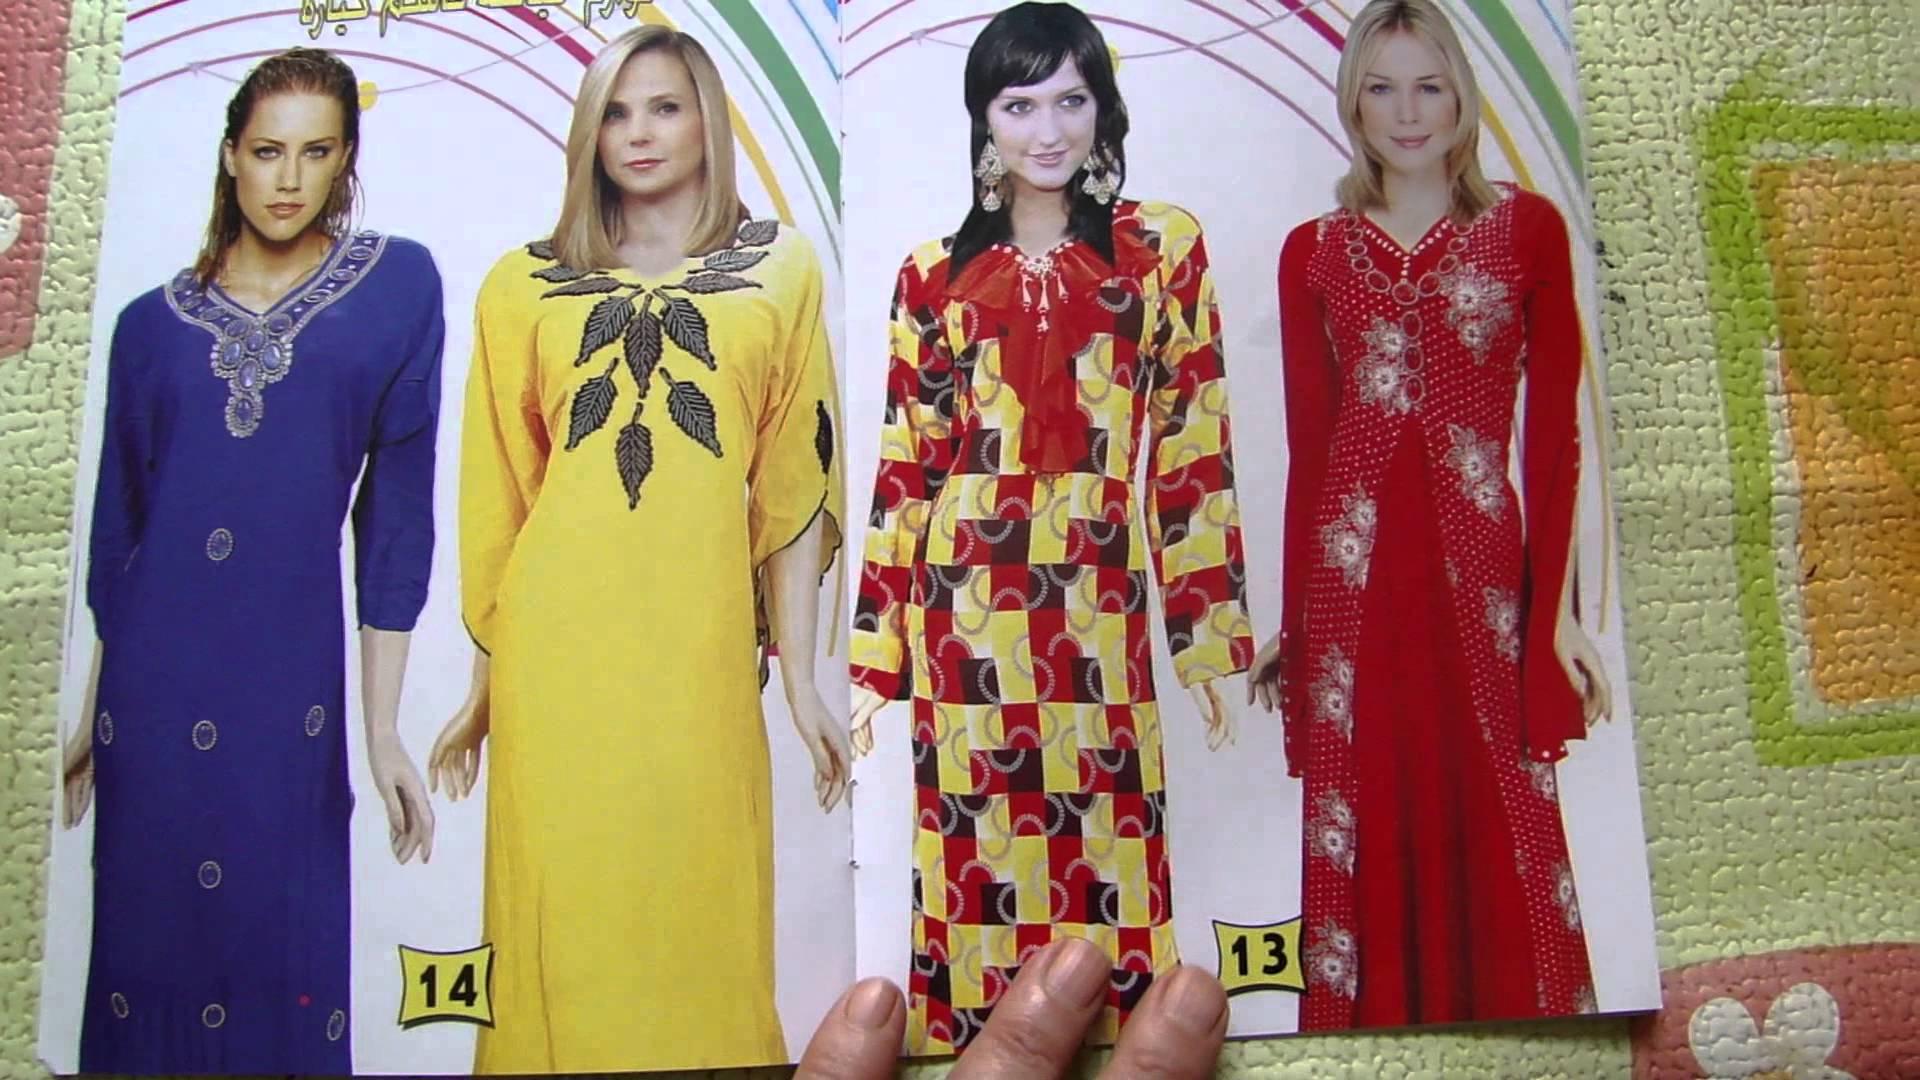 بالصور قنادر تاع الدار اخر صيحة , الملابس المغربيه للنساء واجددها 3584 4